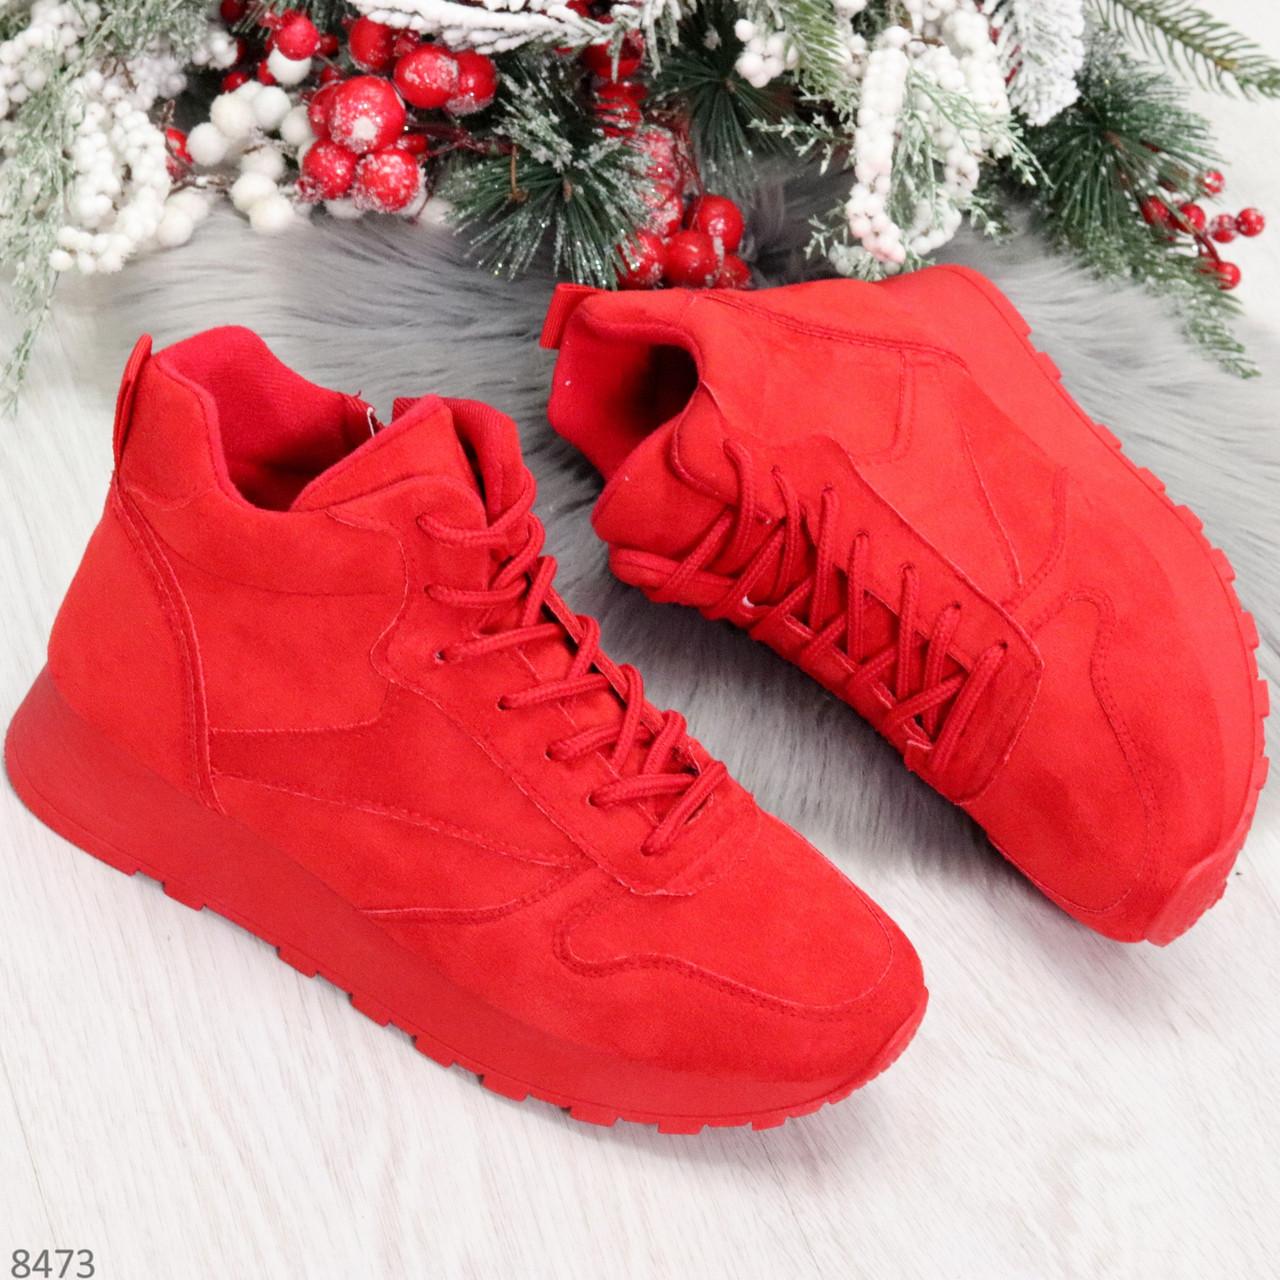 Яркие высокие замшевые красные женские кроссовки на молнии